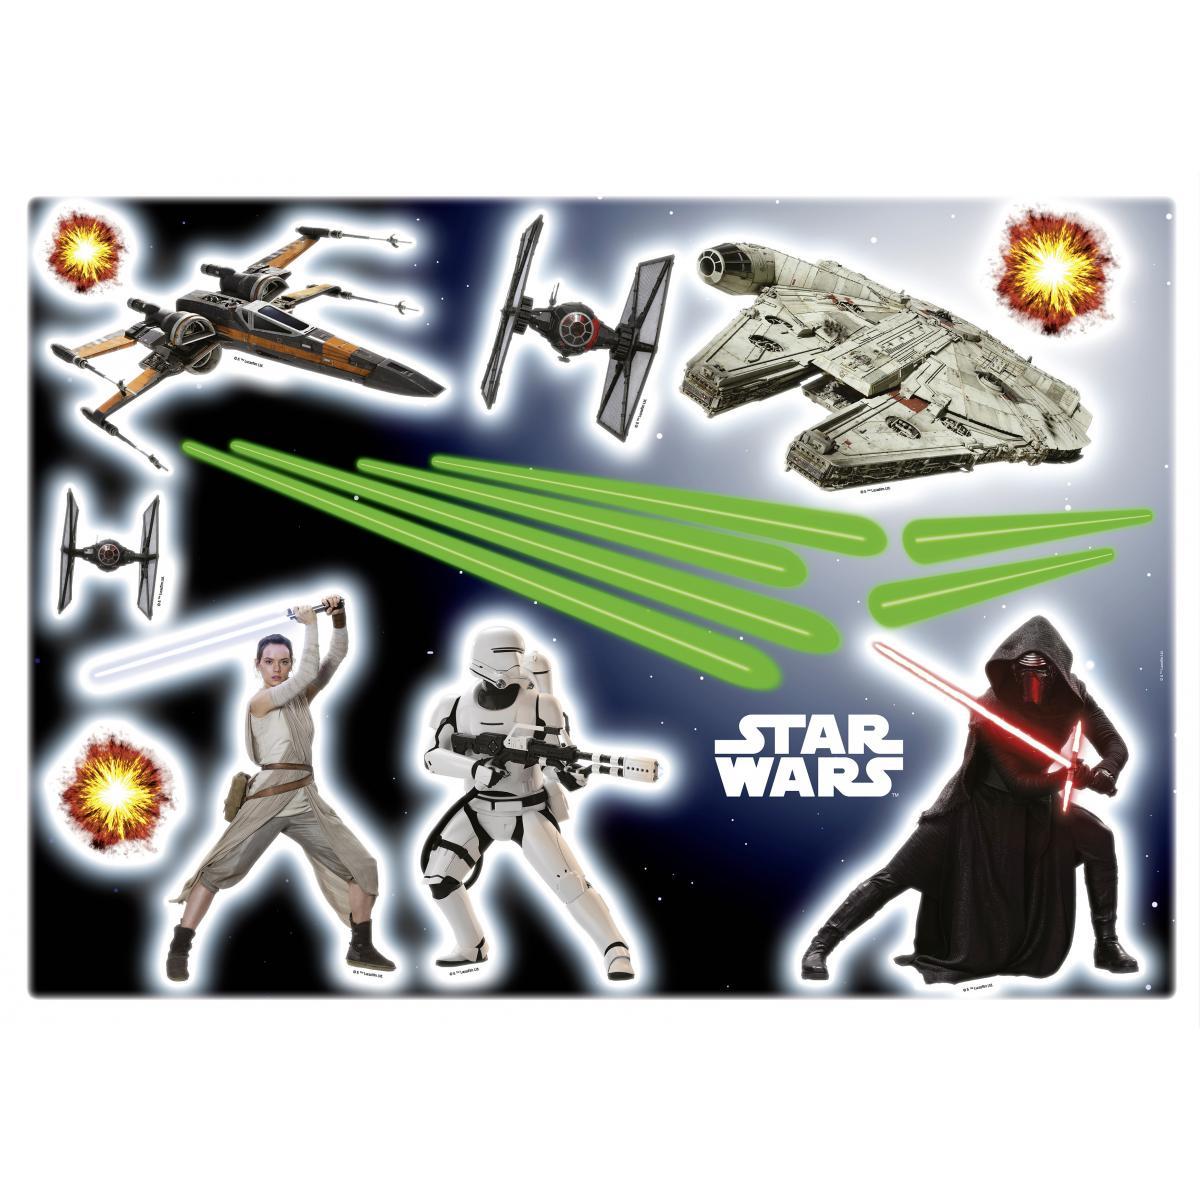 Komar 17 Stickers géant War Star Wars Rey, stormtrooper, et vaisseaux spaciaux 50 x 70 cm